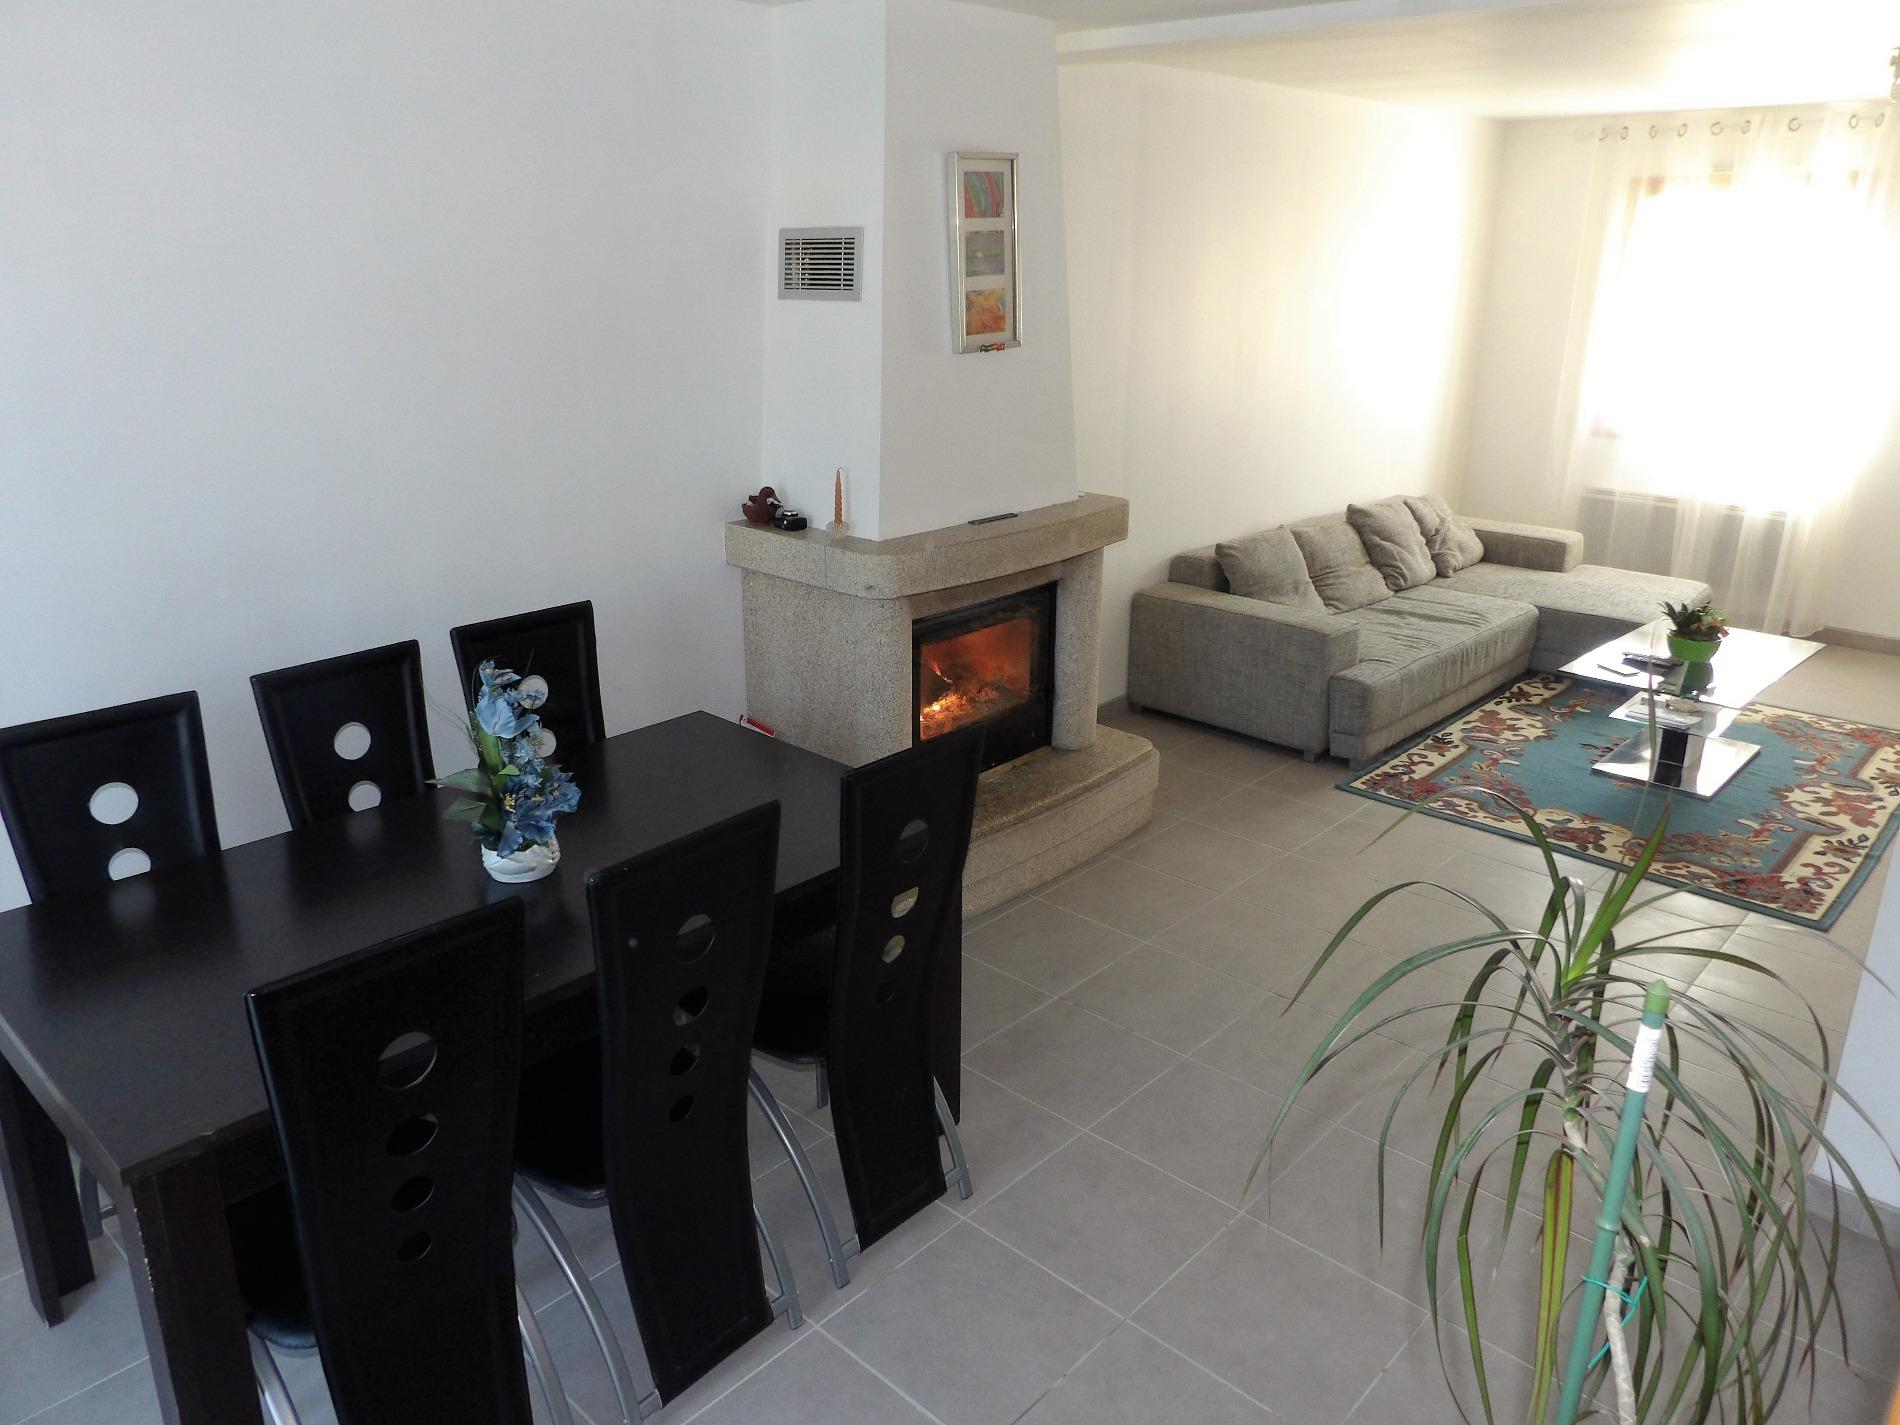 vente maison sainte luce sur loire. Black Bedroom Furniture Sets. Home Design Ideas